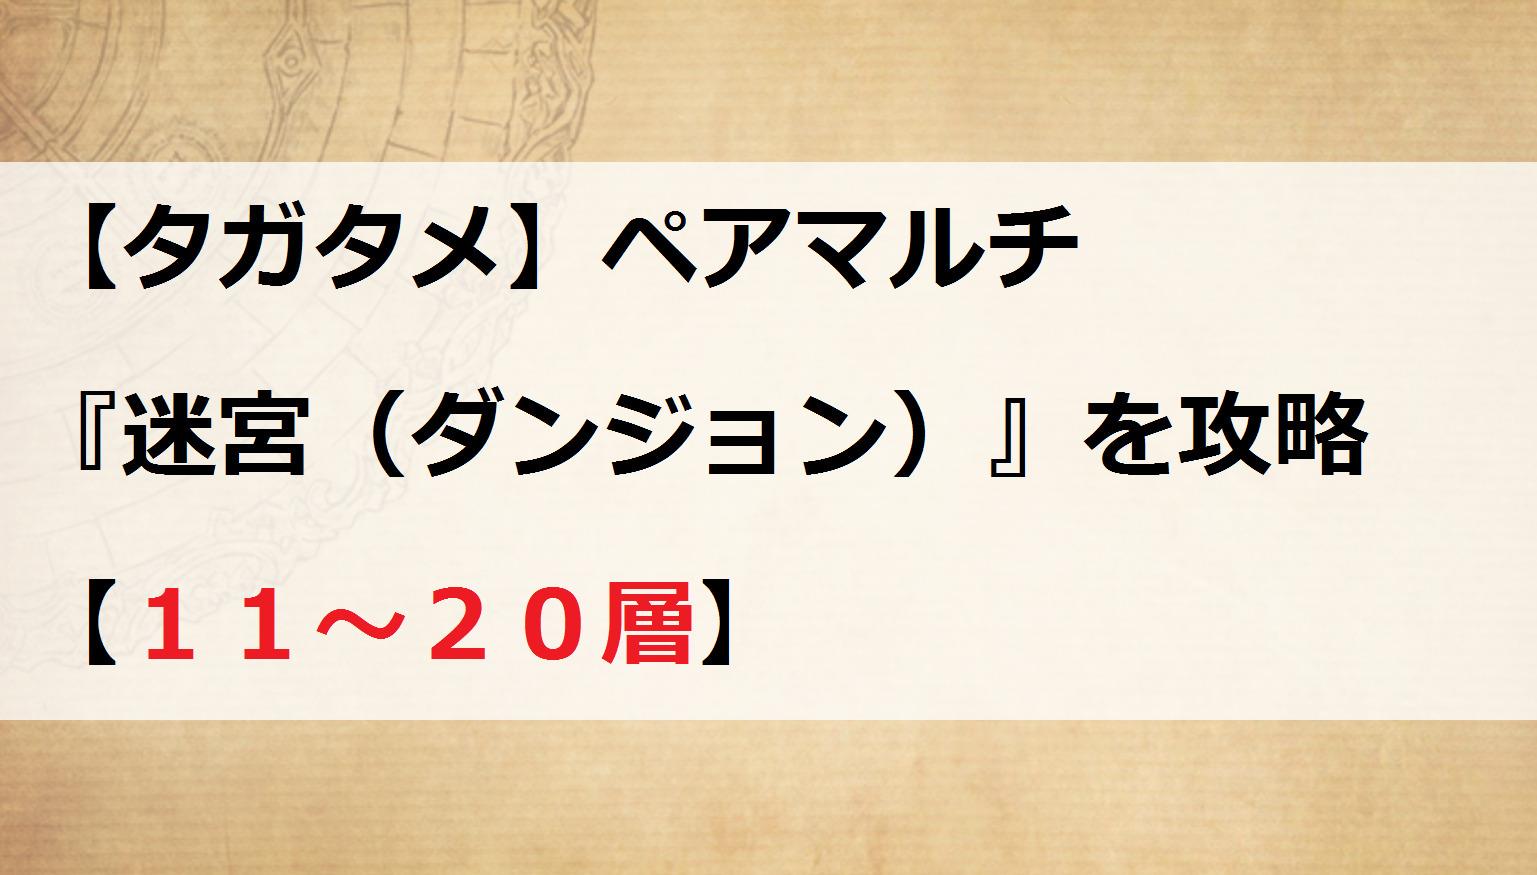 【タガタメ】ペアマルチ『迷宮(ダンジョン)』を攻略【11~20層】